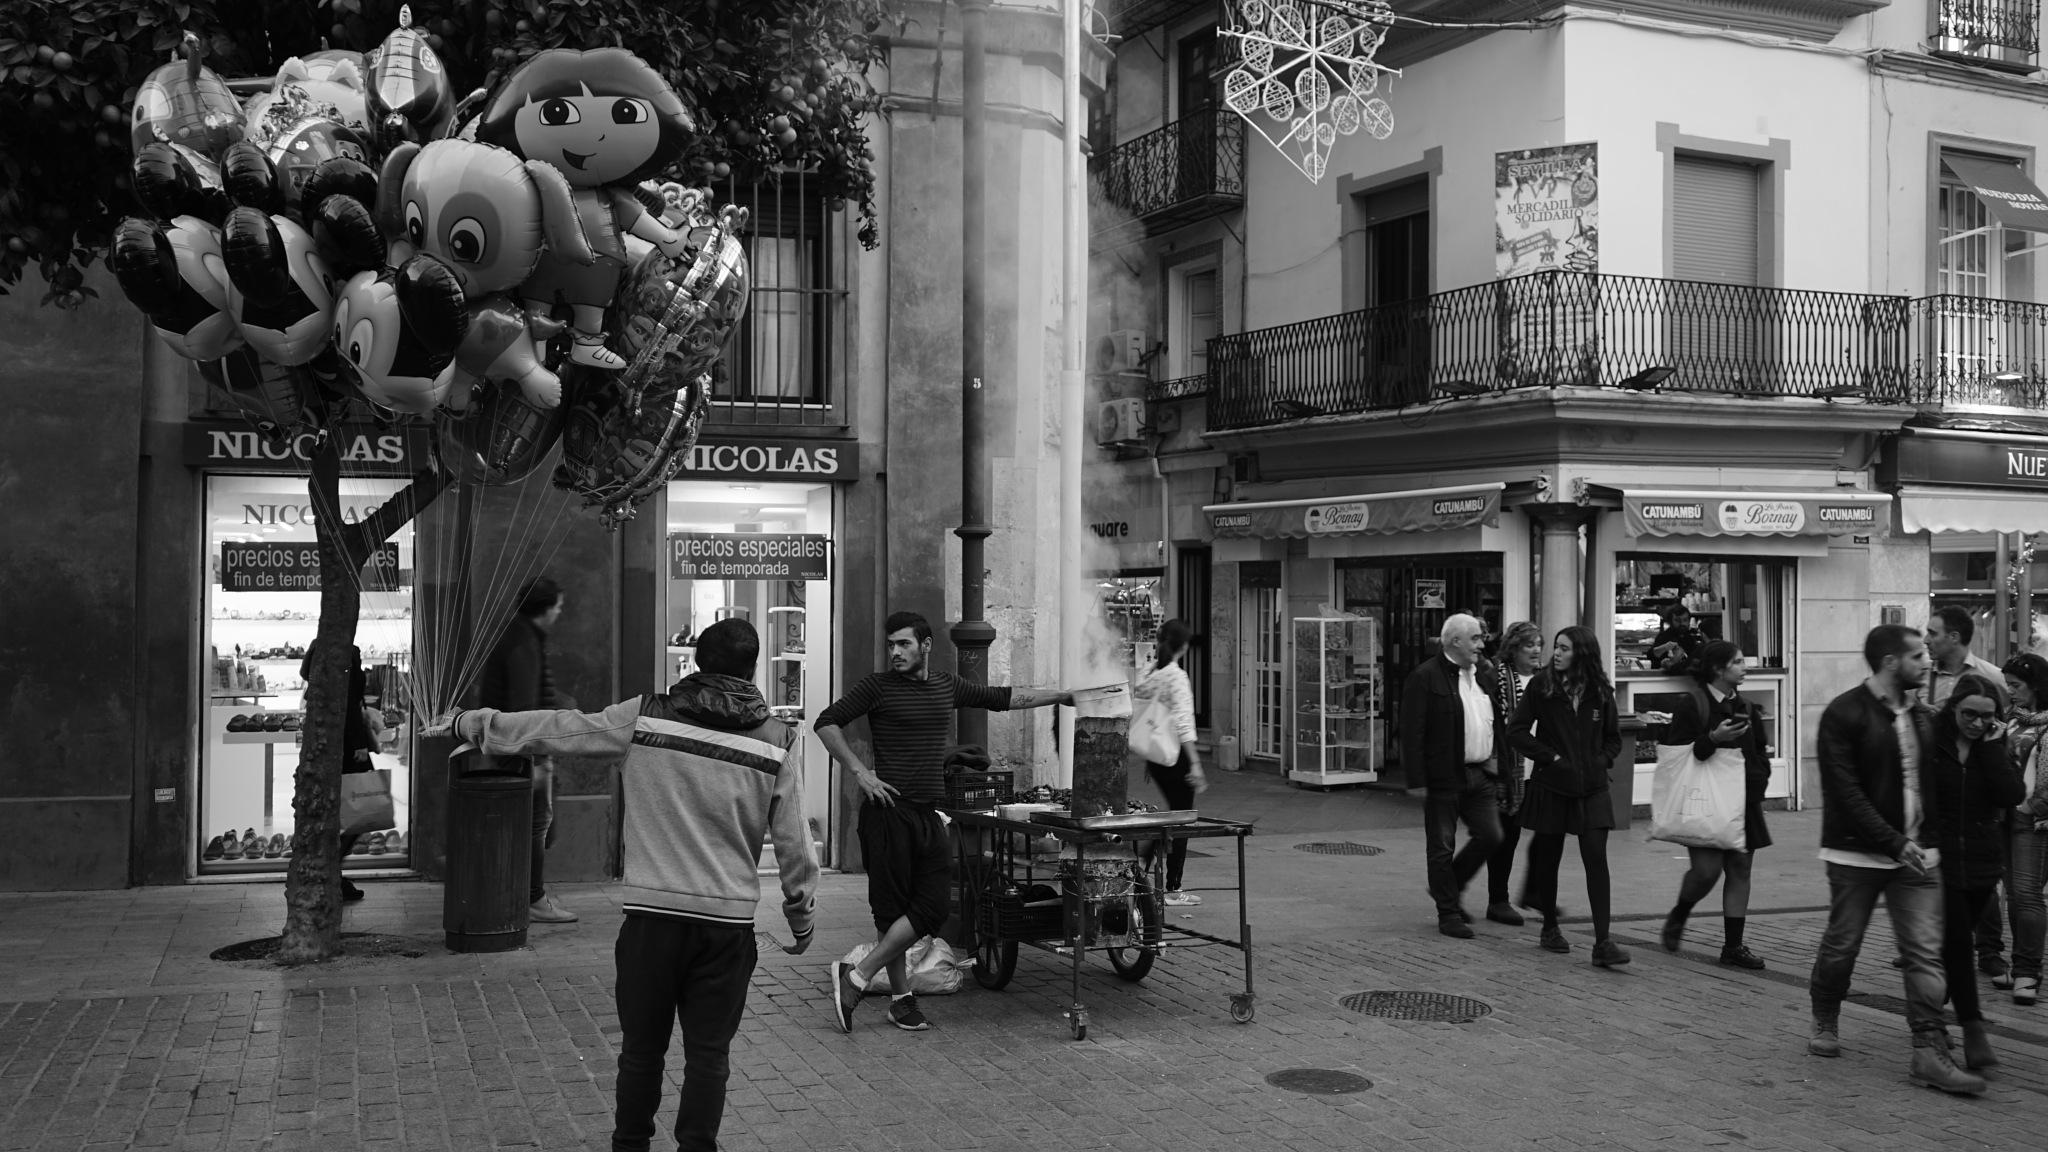 Balloon Seller and Chestnut Roaster arguing, Plaza del Salvador, Seville (Sevilla) by tony cullen